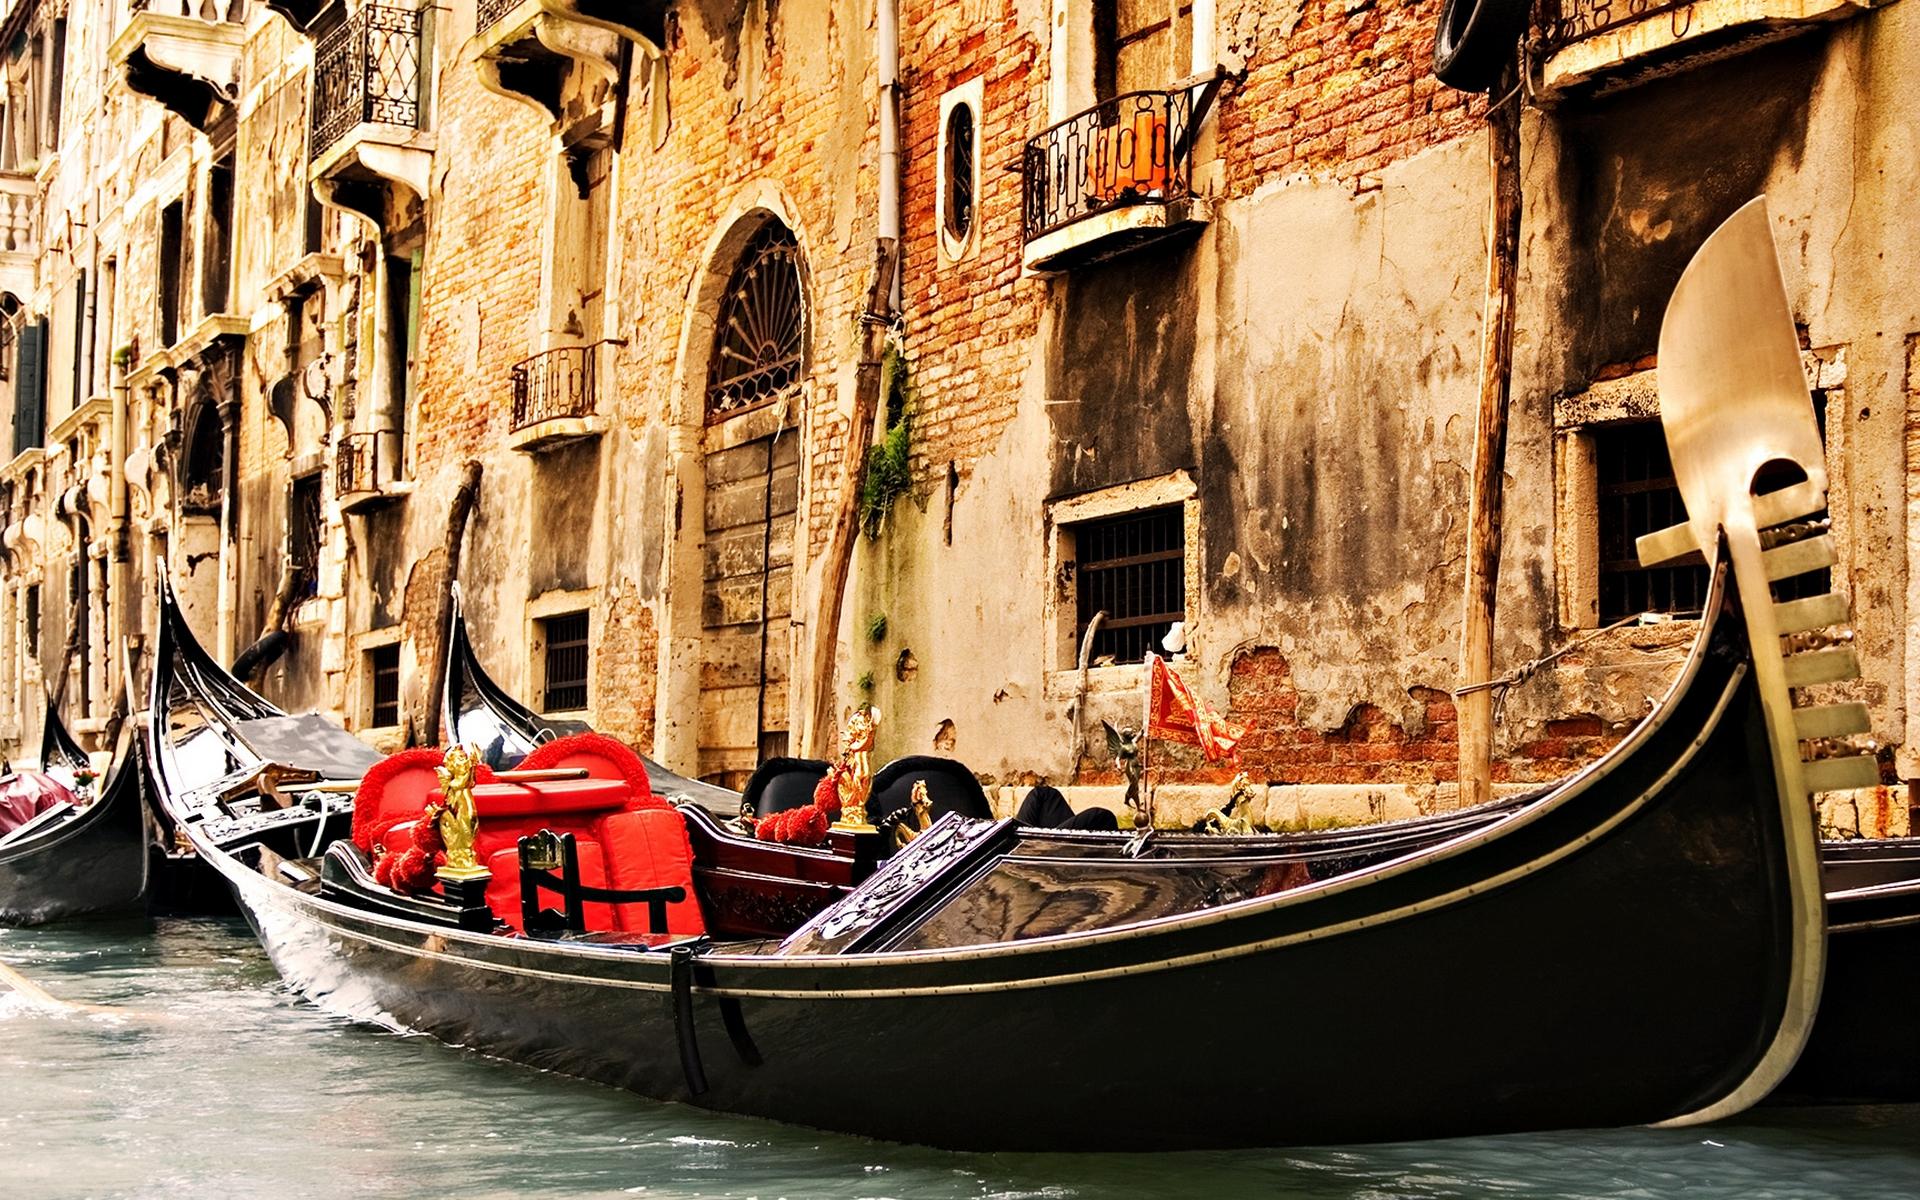 Венеция, канал, гондолы